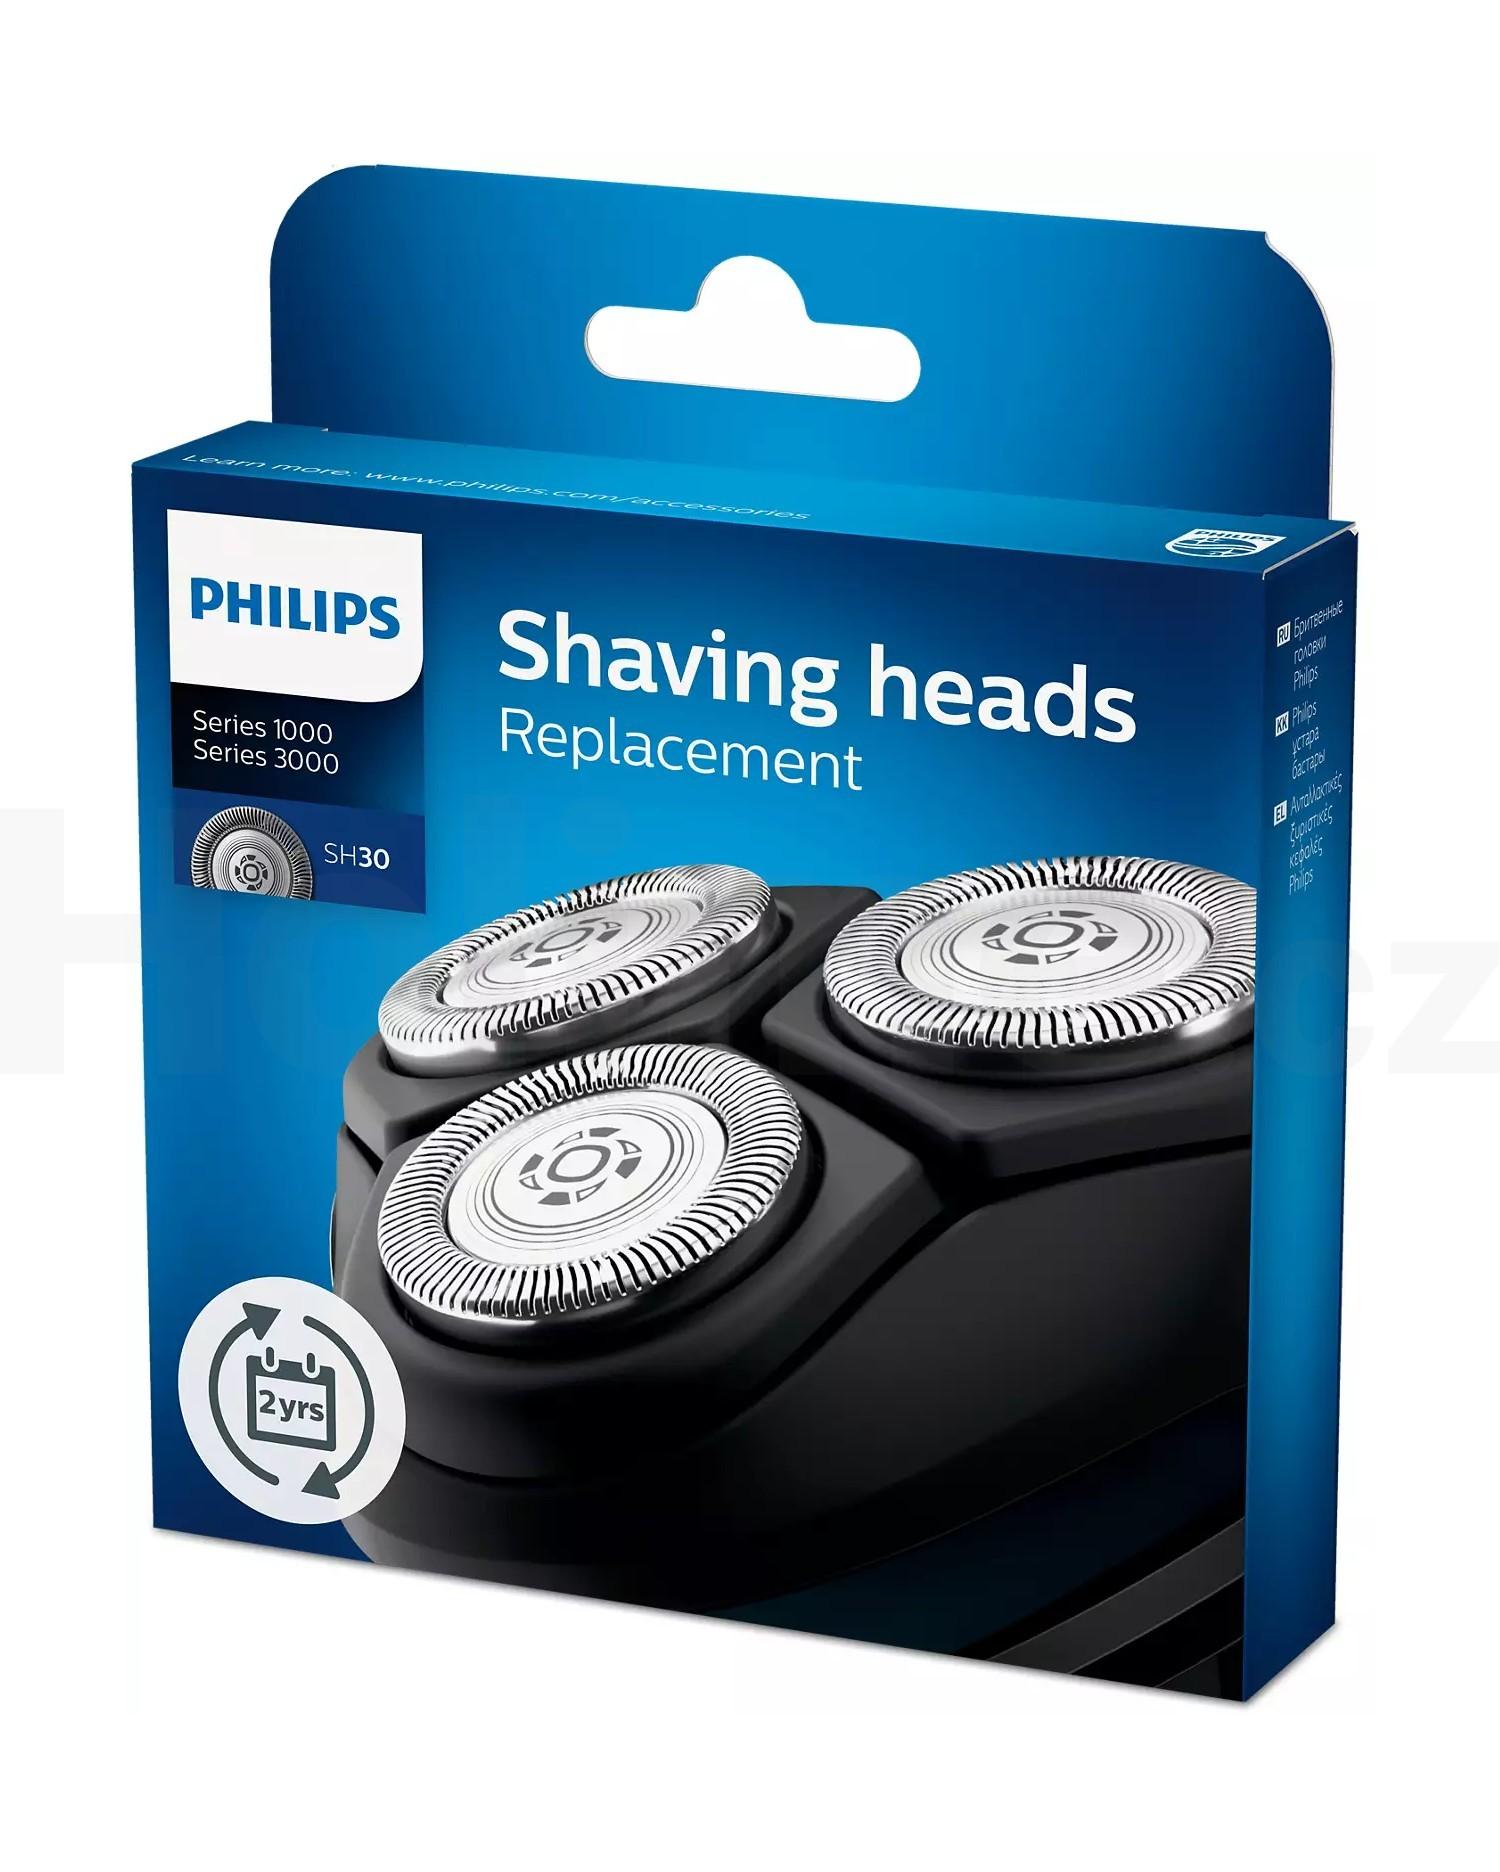 Philips náhradní holicí frézky SH30